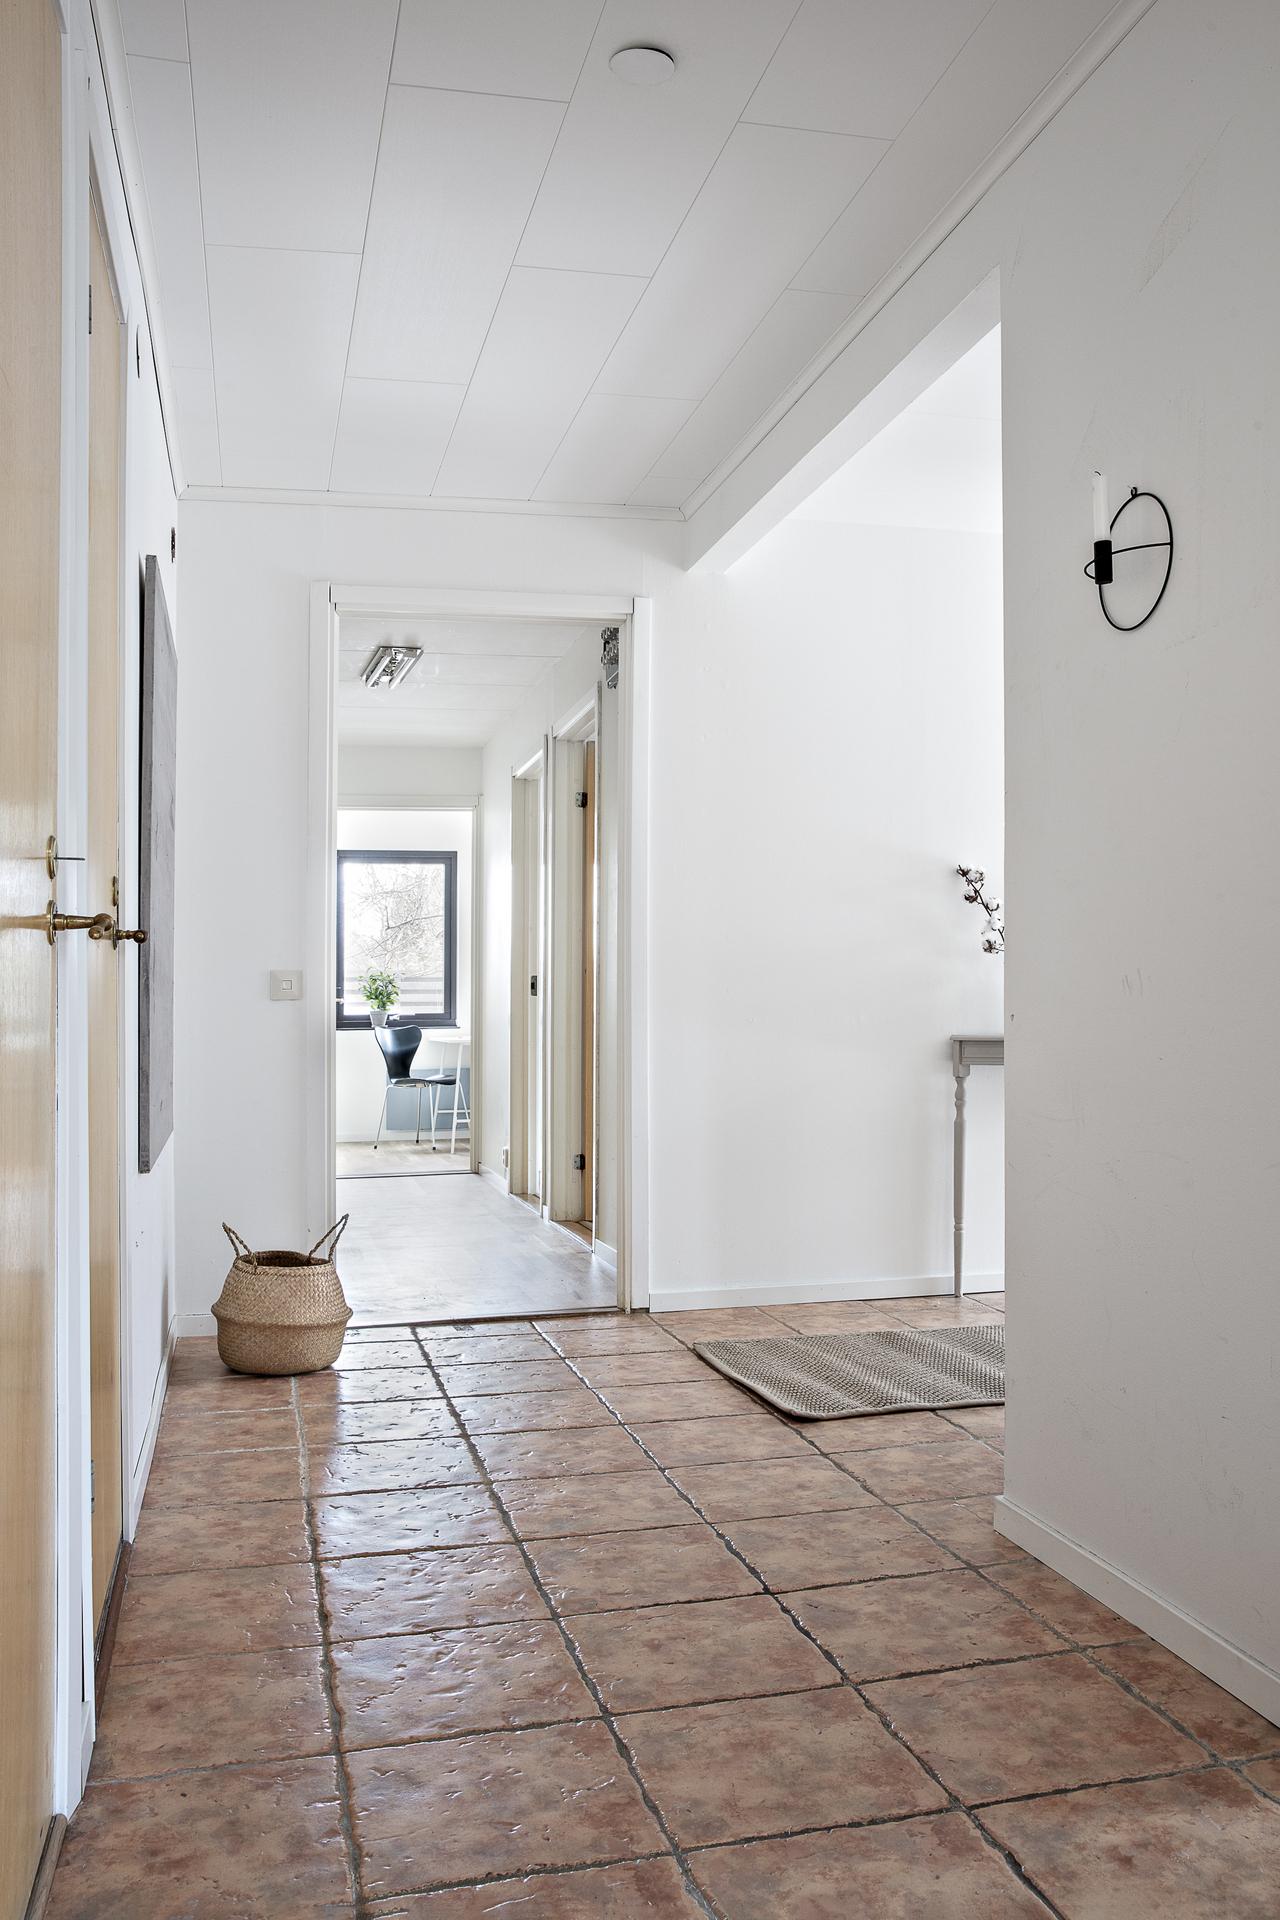 Från vardagsrummet och in i den privata delen med bl.a. sovrum 1 - 3